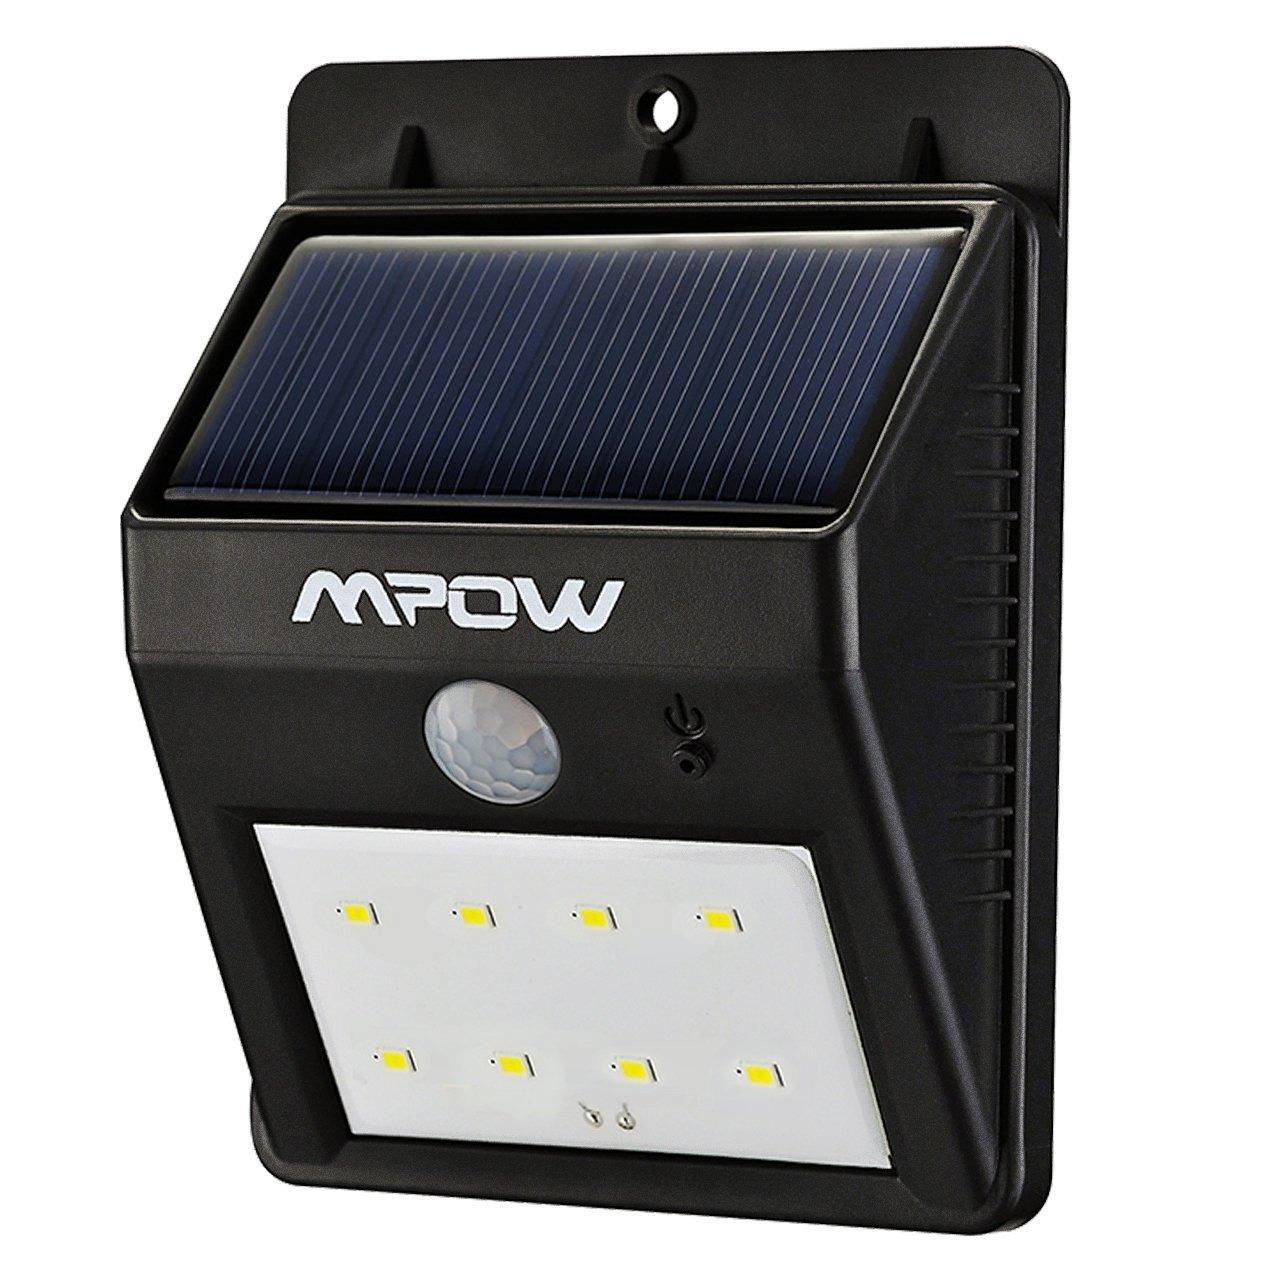 Eclairage ext rieur mpow imperm able avec d tecteur de mouvement 8 led - Detecteur de mouvement ne s eteint plus ...